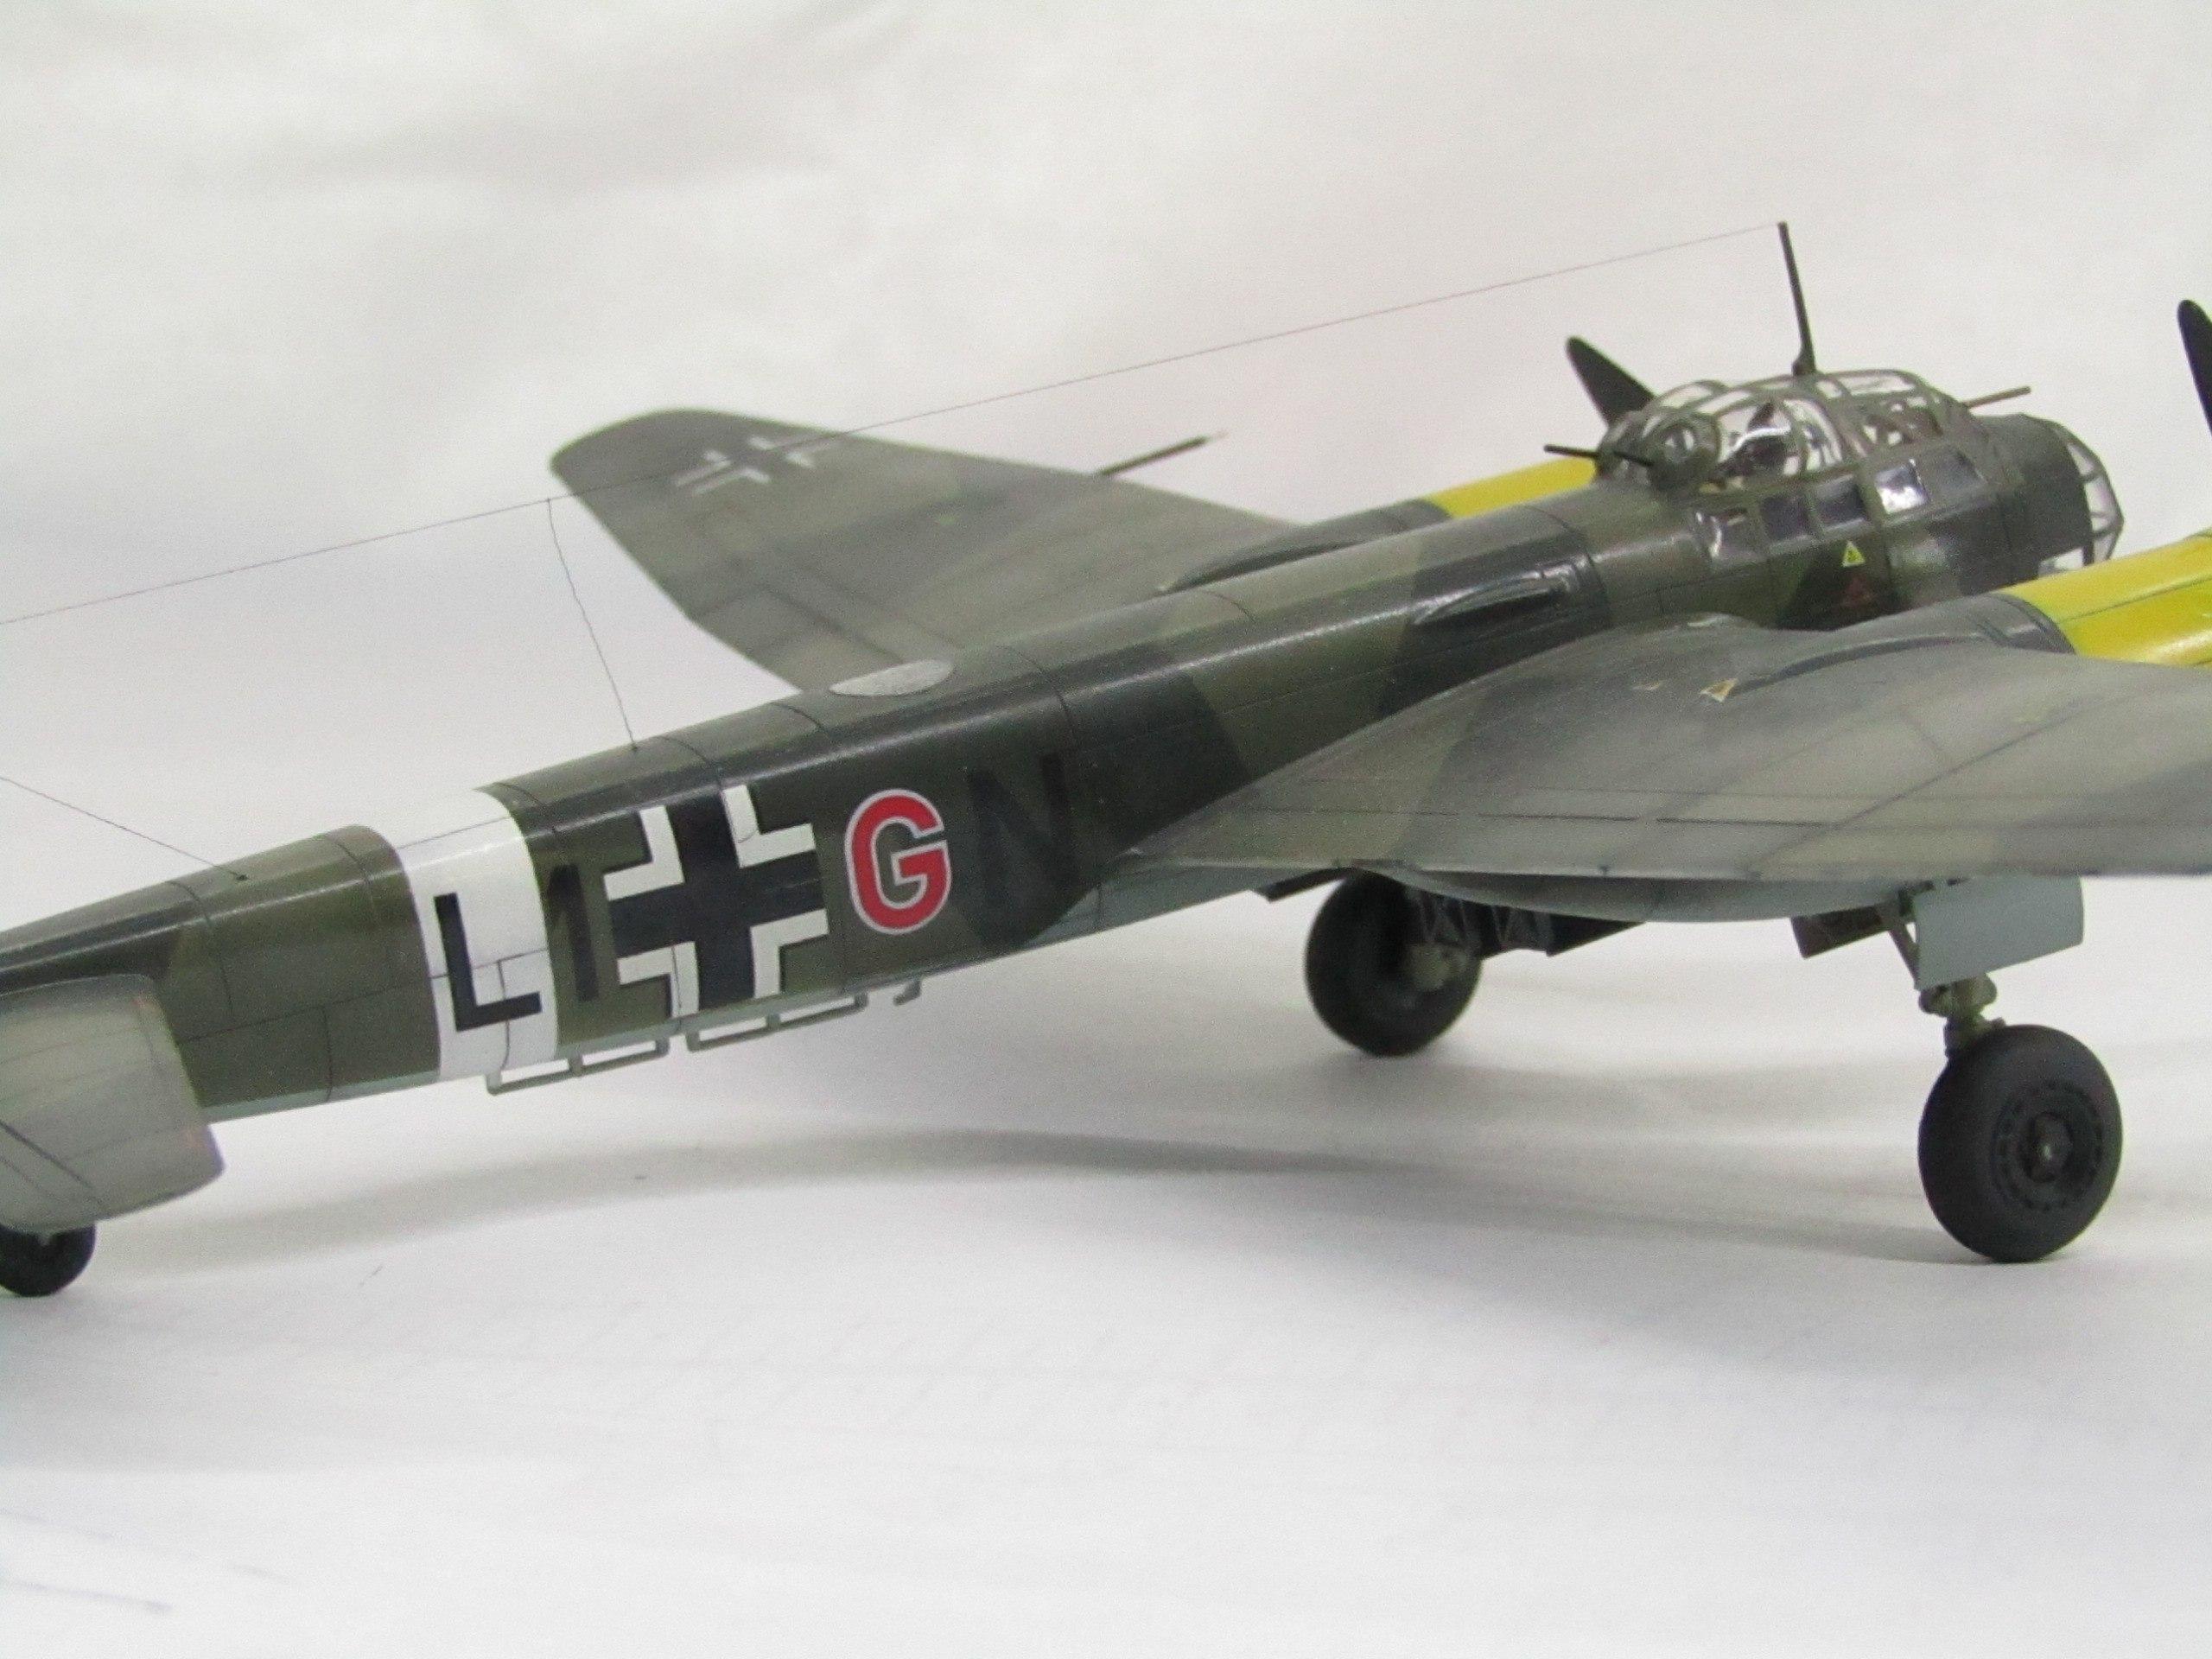 Ju-88 A-4 1/72 (Звезда) WZRQ-39qMa0